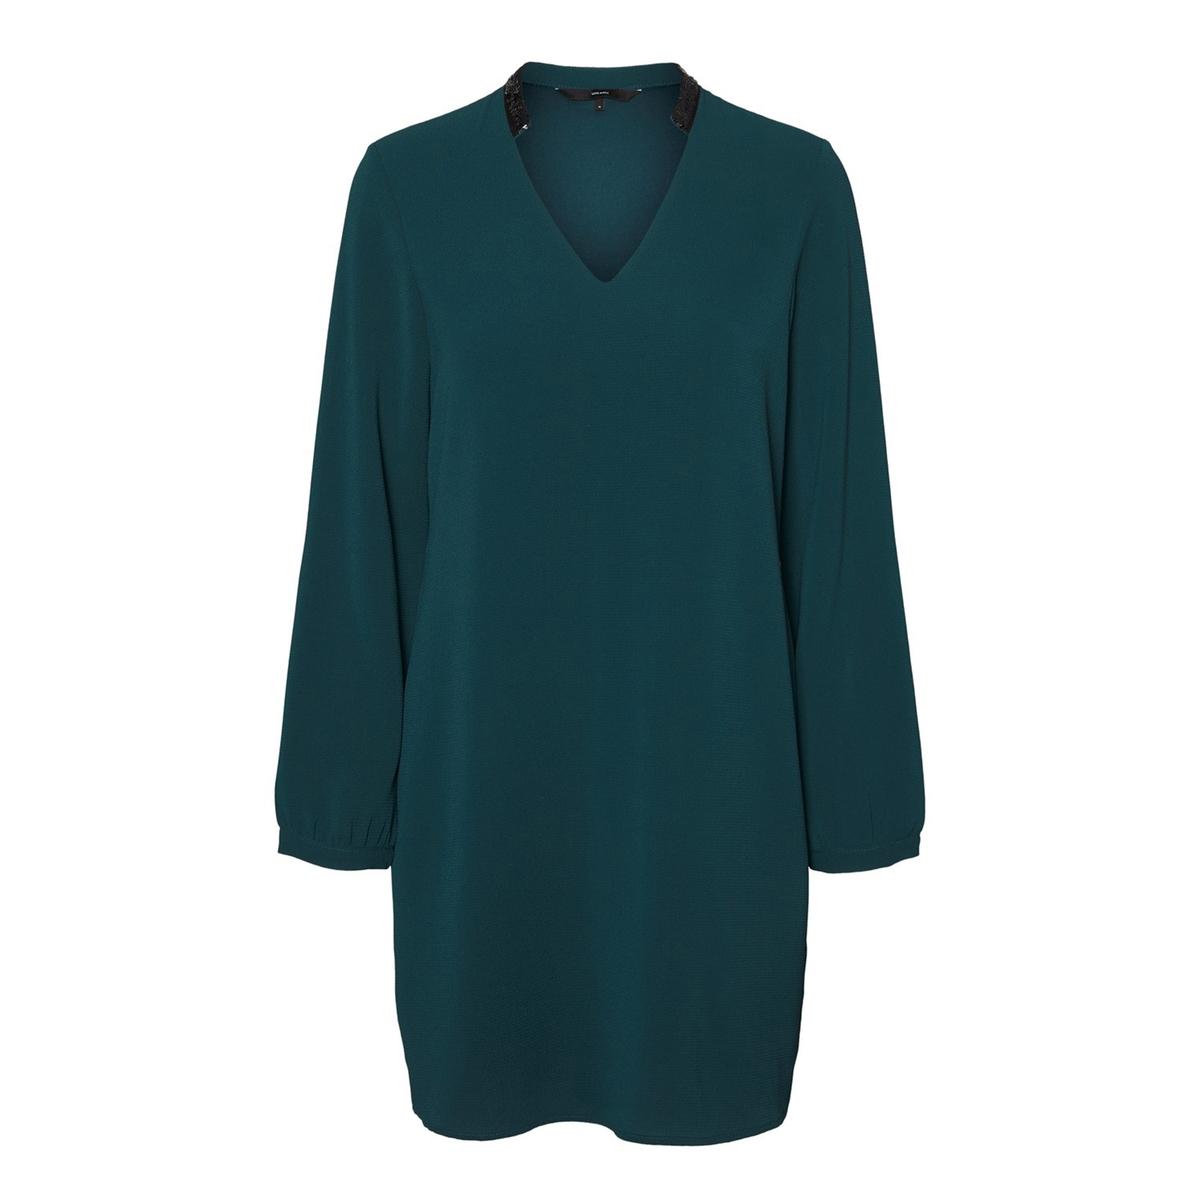 цена на Платье La Redoute Прямое укороченное V-образный вырез S зеленый